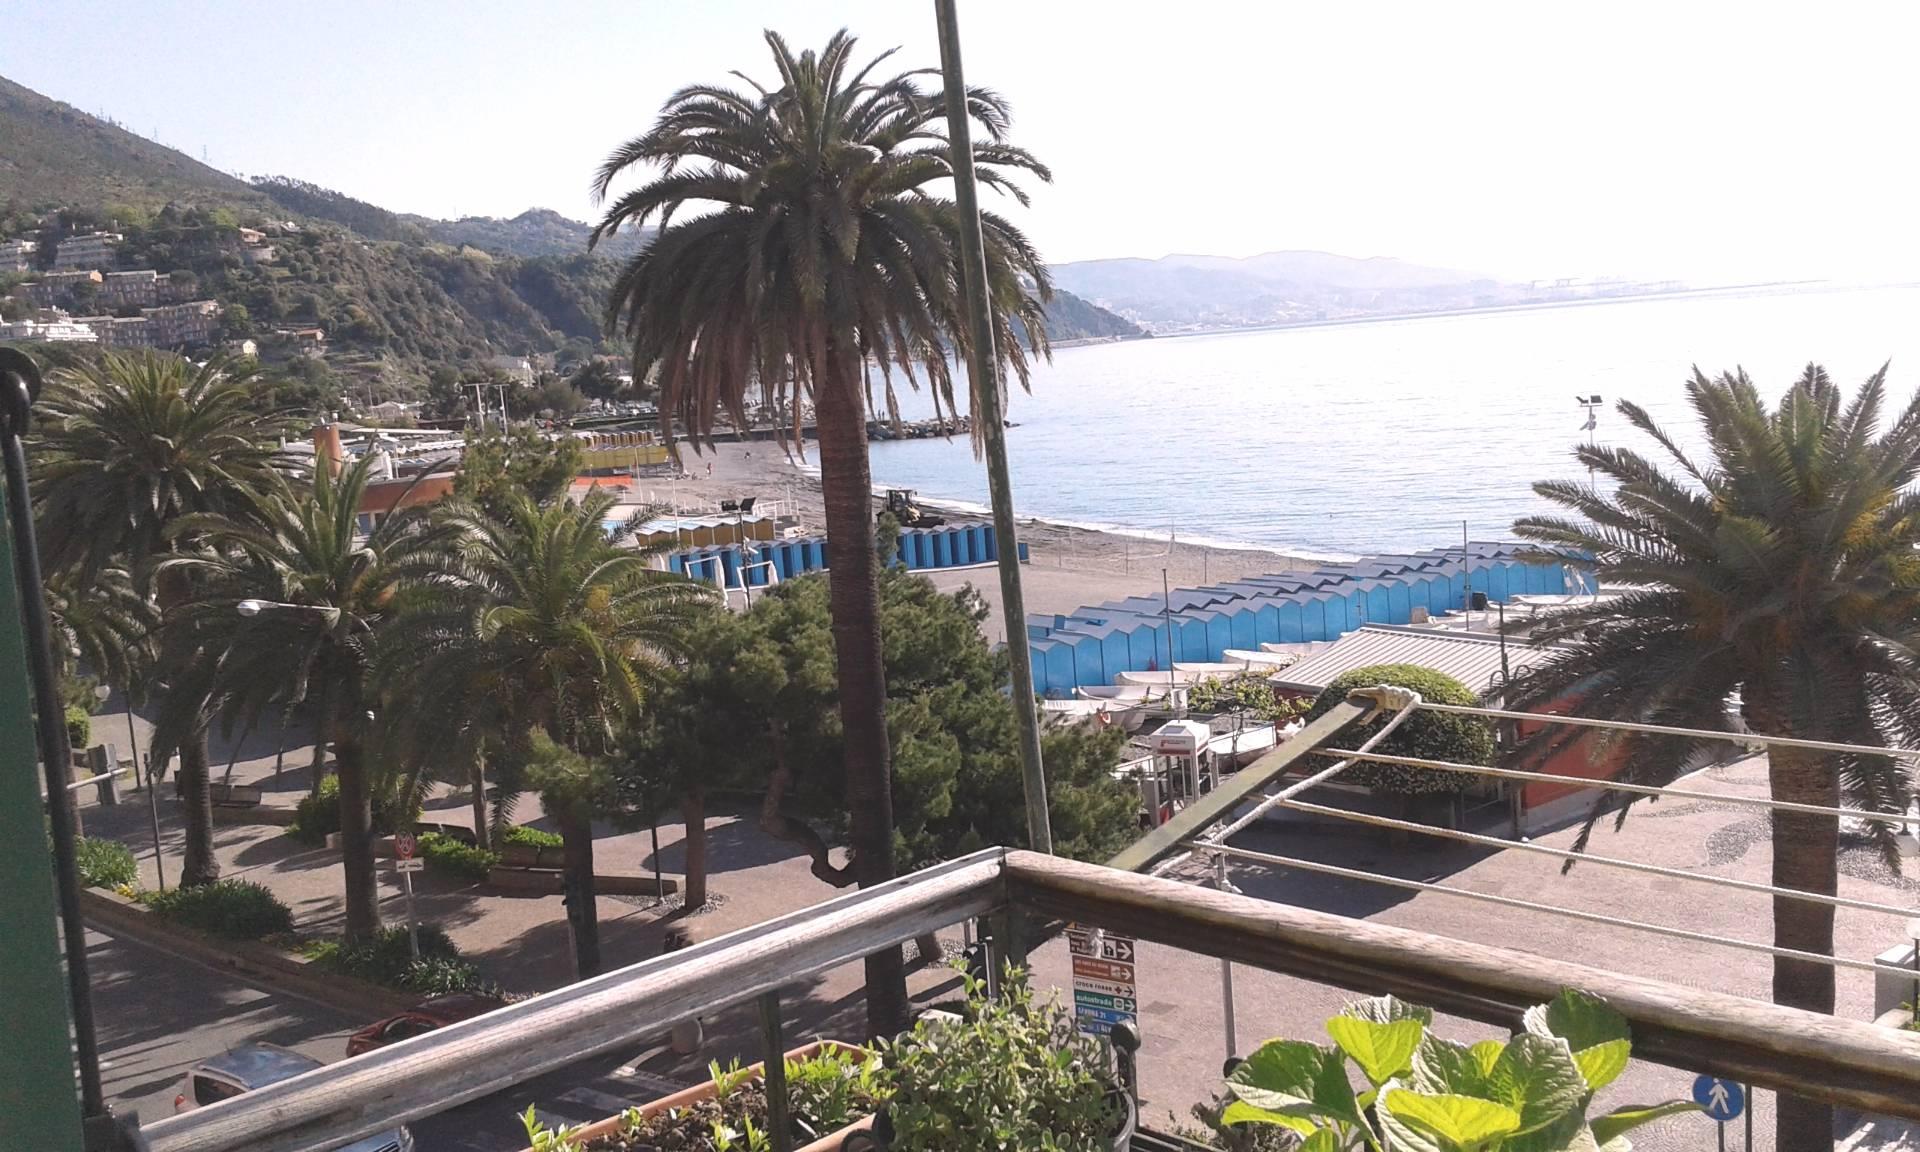 Appartamento in vendita a Arenzano, 4 locali, zona Località: Lungomare, prezzo € 450.000 | Cambio Casa.it